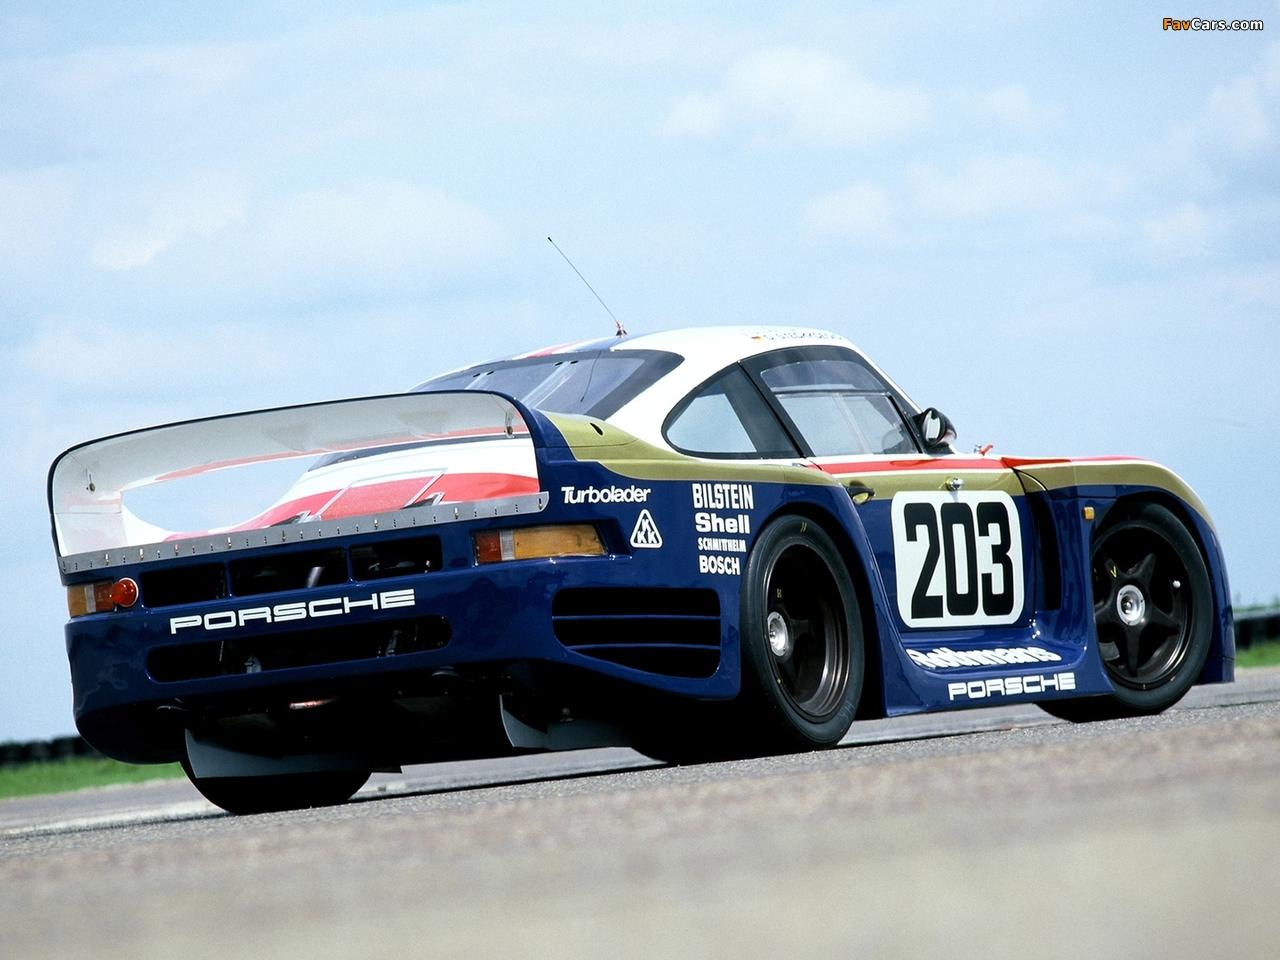 Porsche 961 Le Mans 1987 images (1280 x 960)